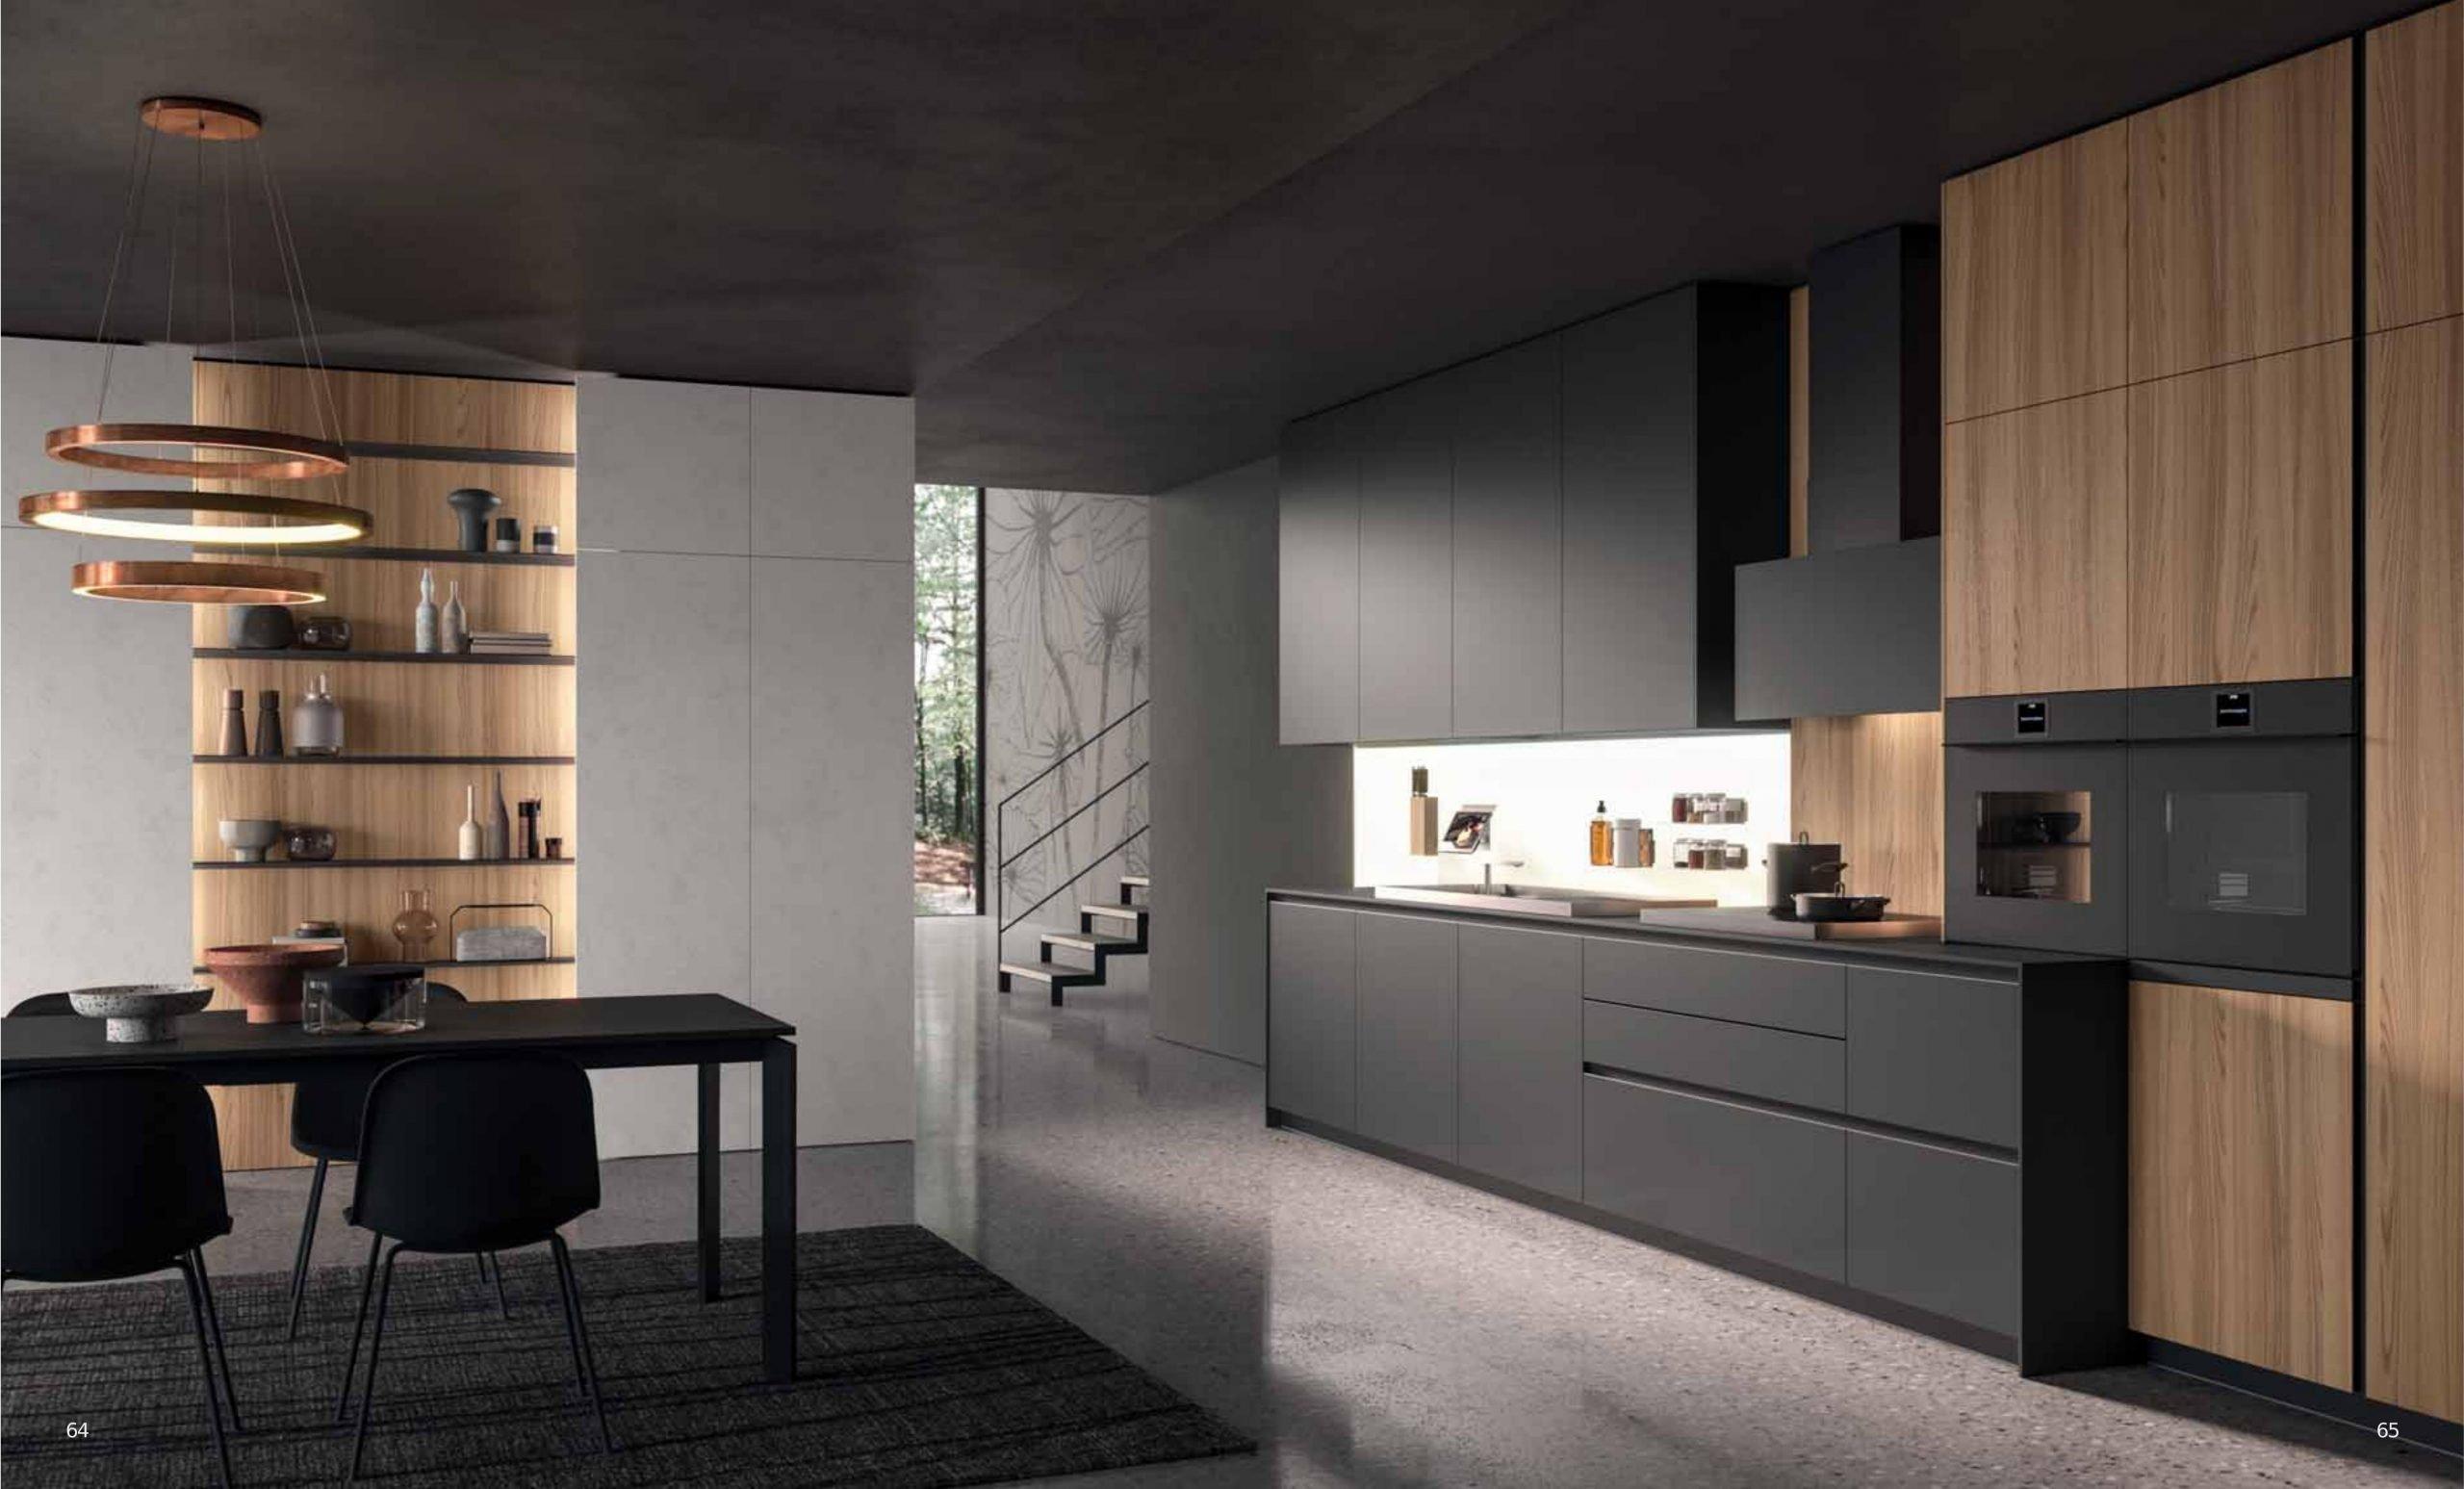 Composizione cucina moderna in legno e laccato grigio modello HC08 della linea cucine XXL di Astra cucine